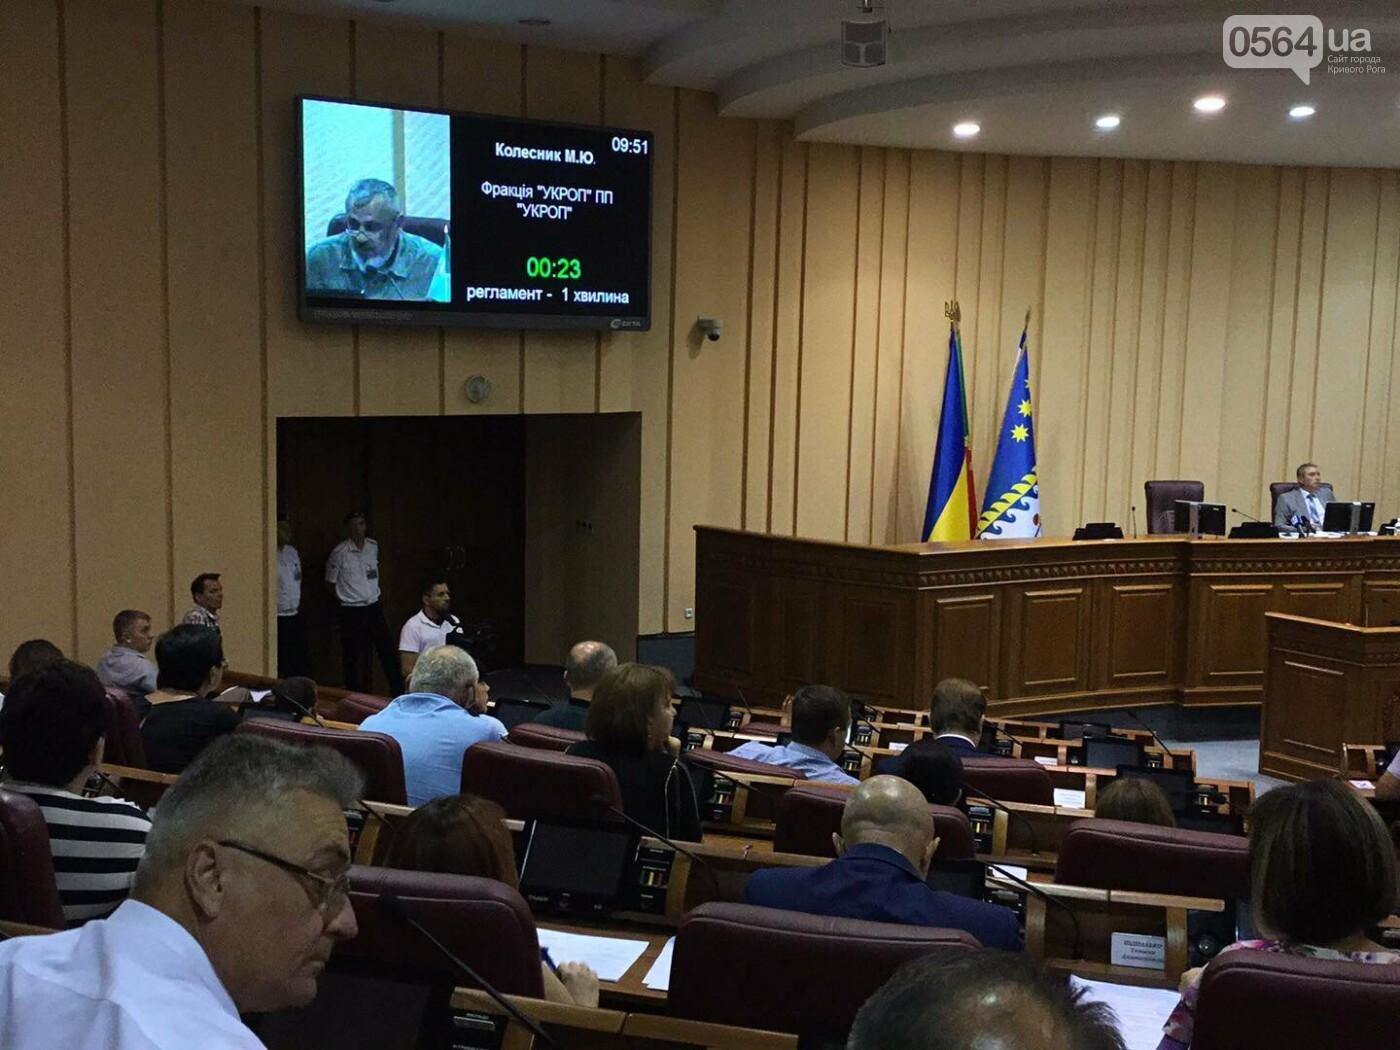 """В Кривом Роге утвердили """"братание"""" с Жодино, несмотря на то, что туда опасно ехать защитникам Украины, - ФОТО, фото-1"""